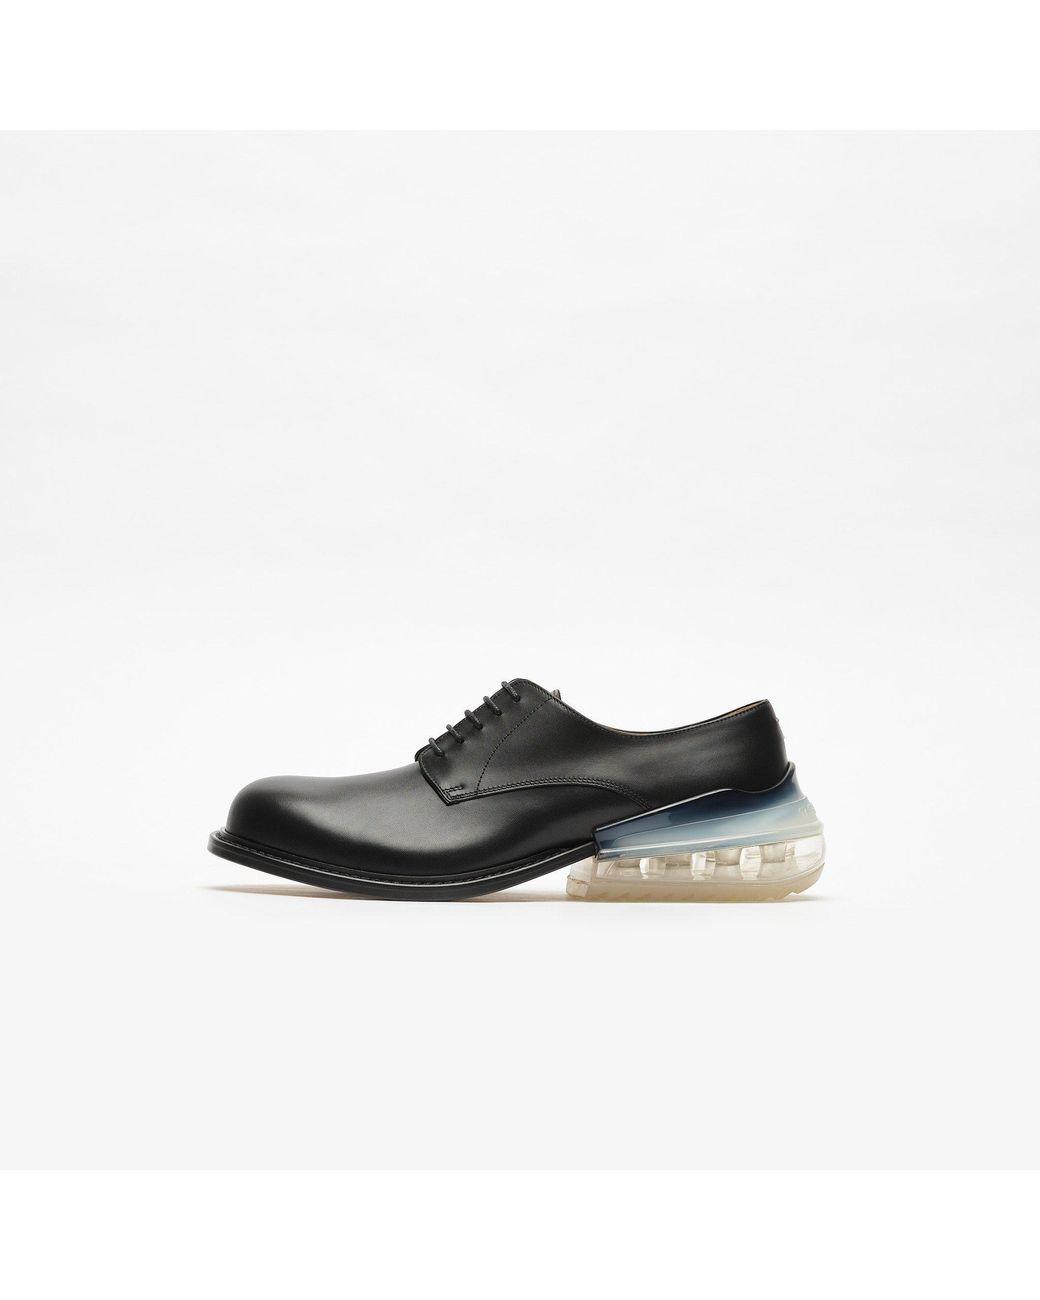 Maison Margiela Black Dress Shoe With Rear Bubble Sole For Men Black Dress Shoe Mens Black Dress Shoes Leather Dress Shoes [ 1300 x 1040 Pixel ]